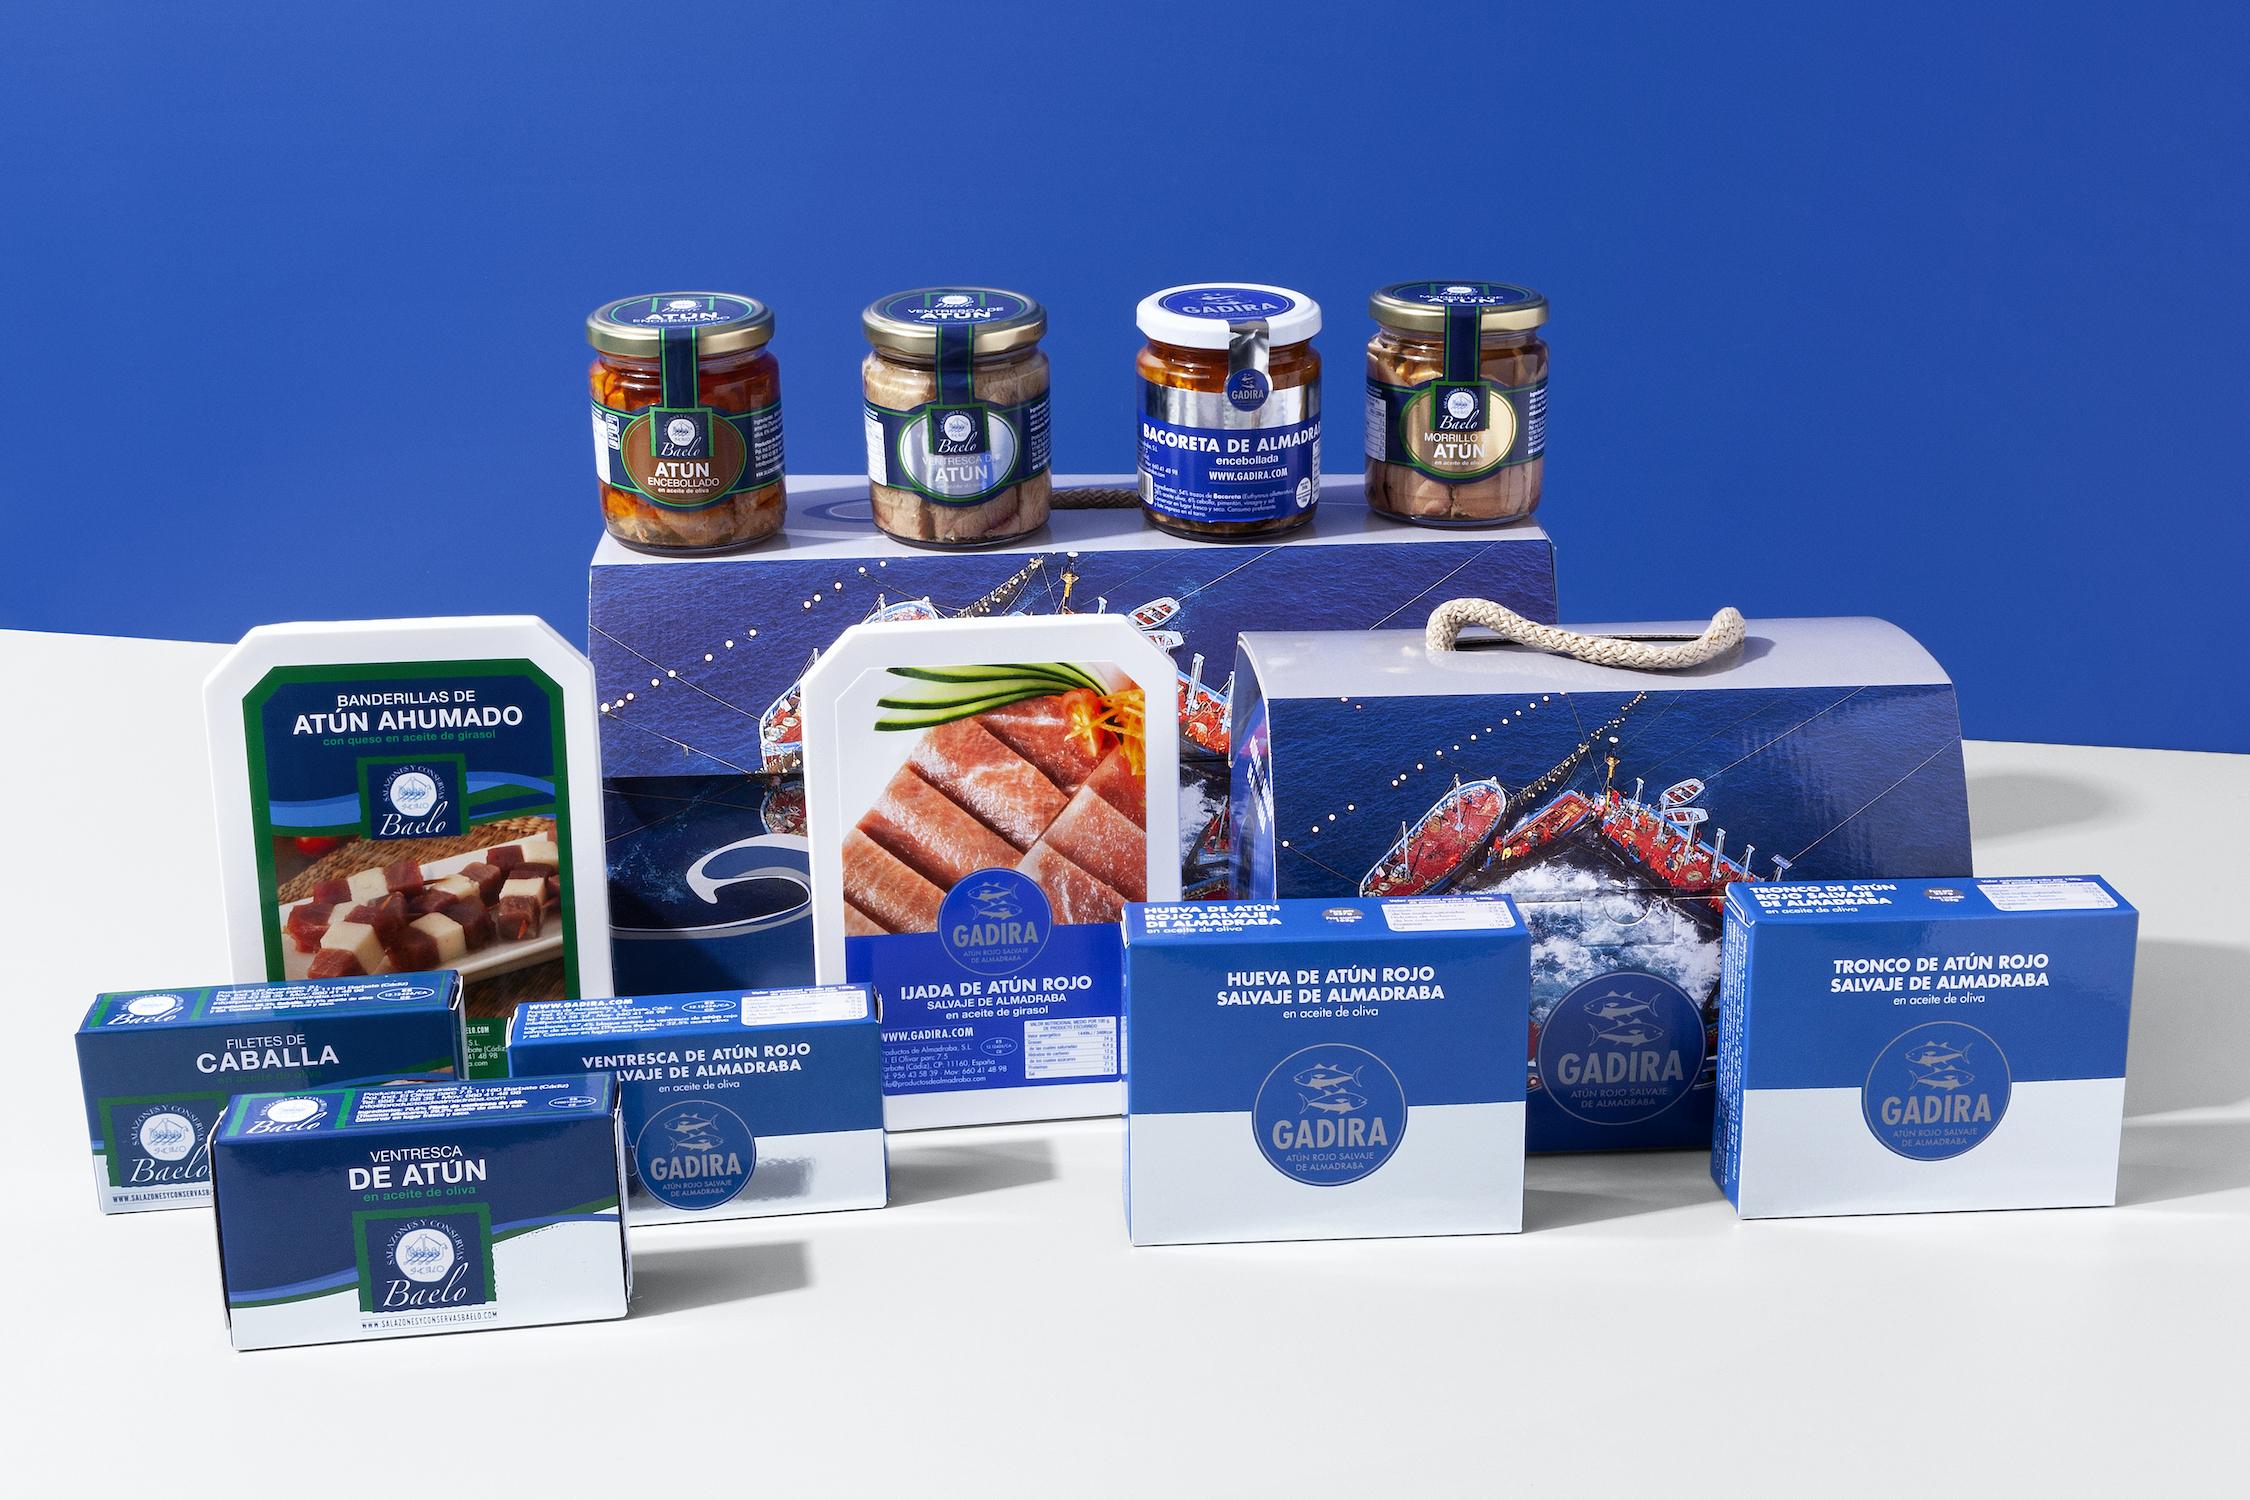 Para los que buscan un detalle original, de gran calidad y gourmet tenemos una variada oferta de cofres a precio cerrado, con surtidos de artículos de las marcas Gadira y Baelo.